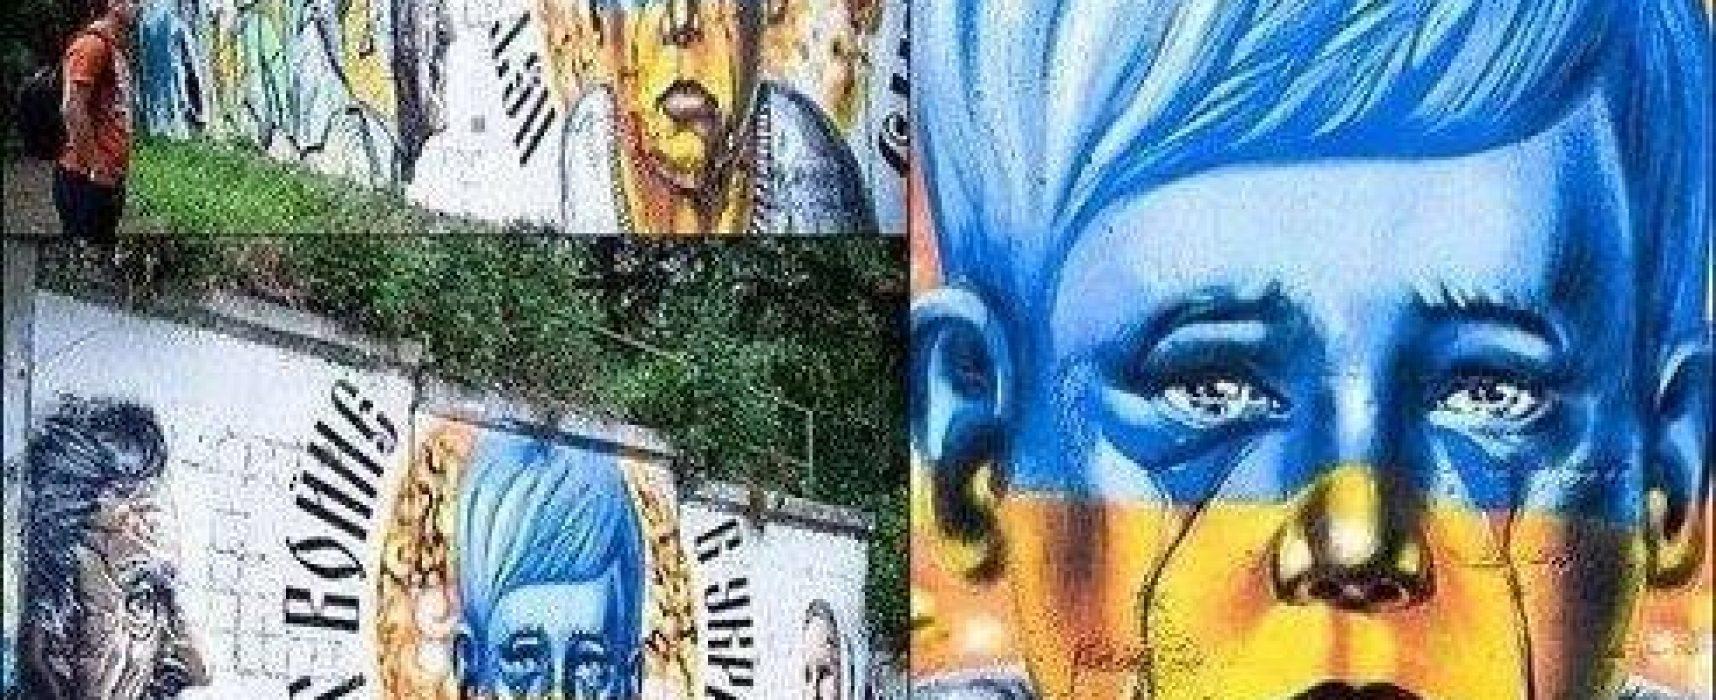 Ucraina: cronache dal conflitto dimenticato che ha creato un popolo unito